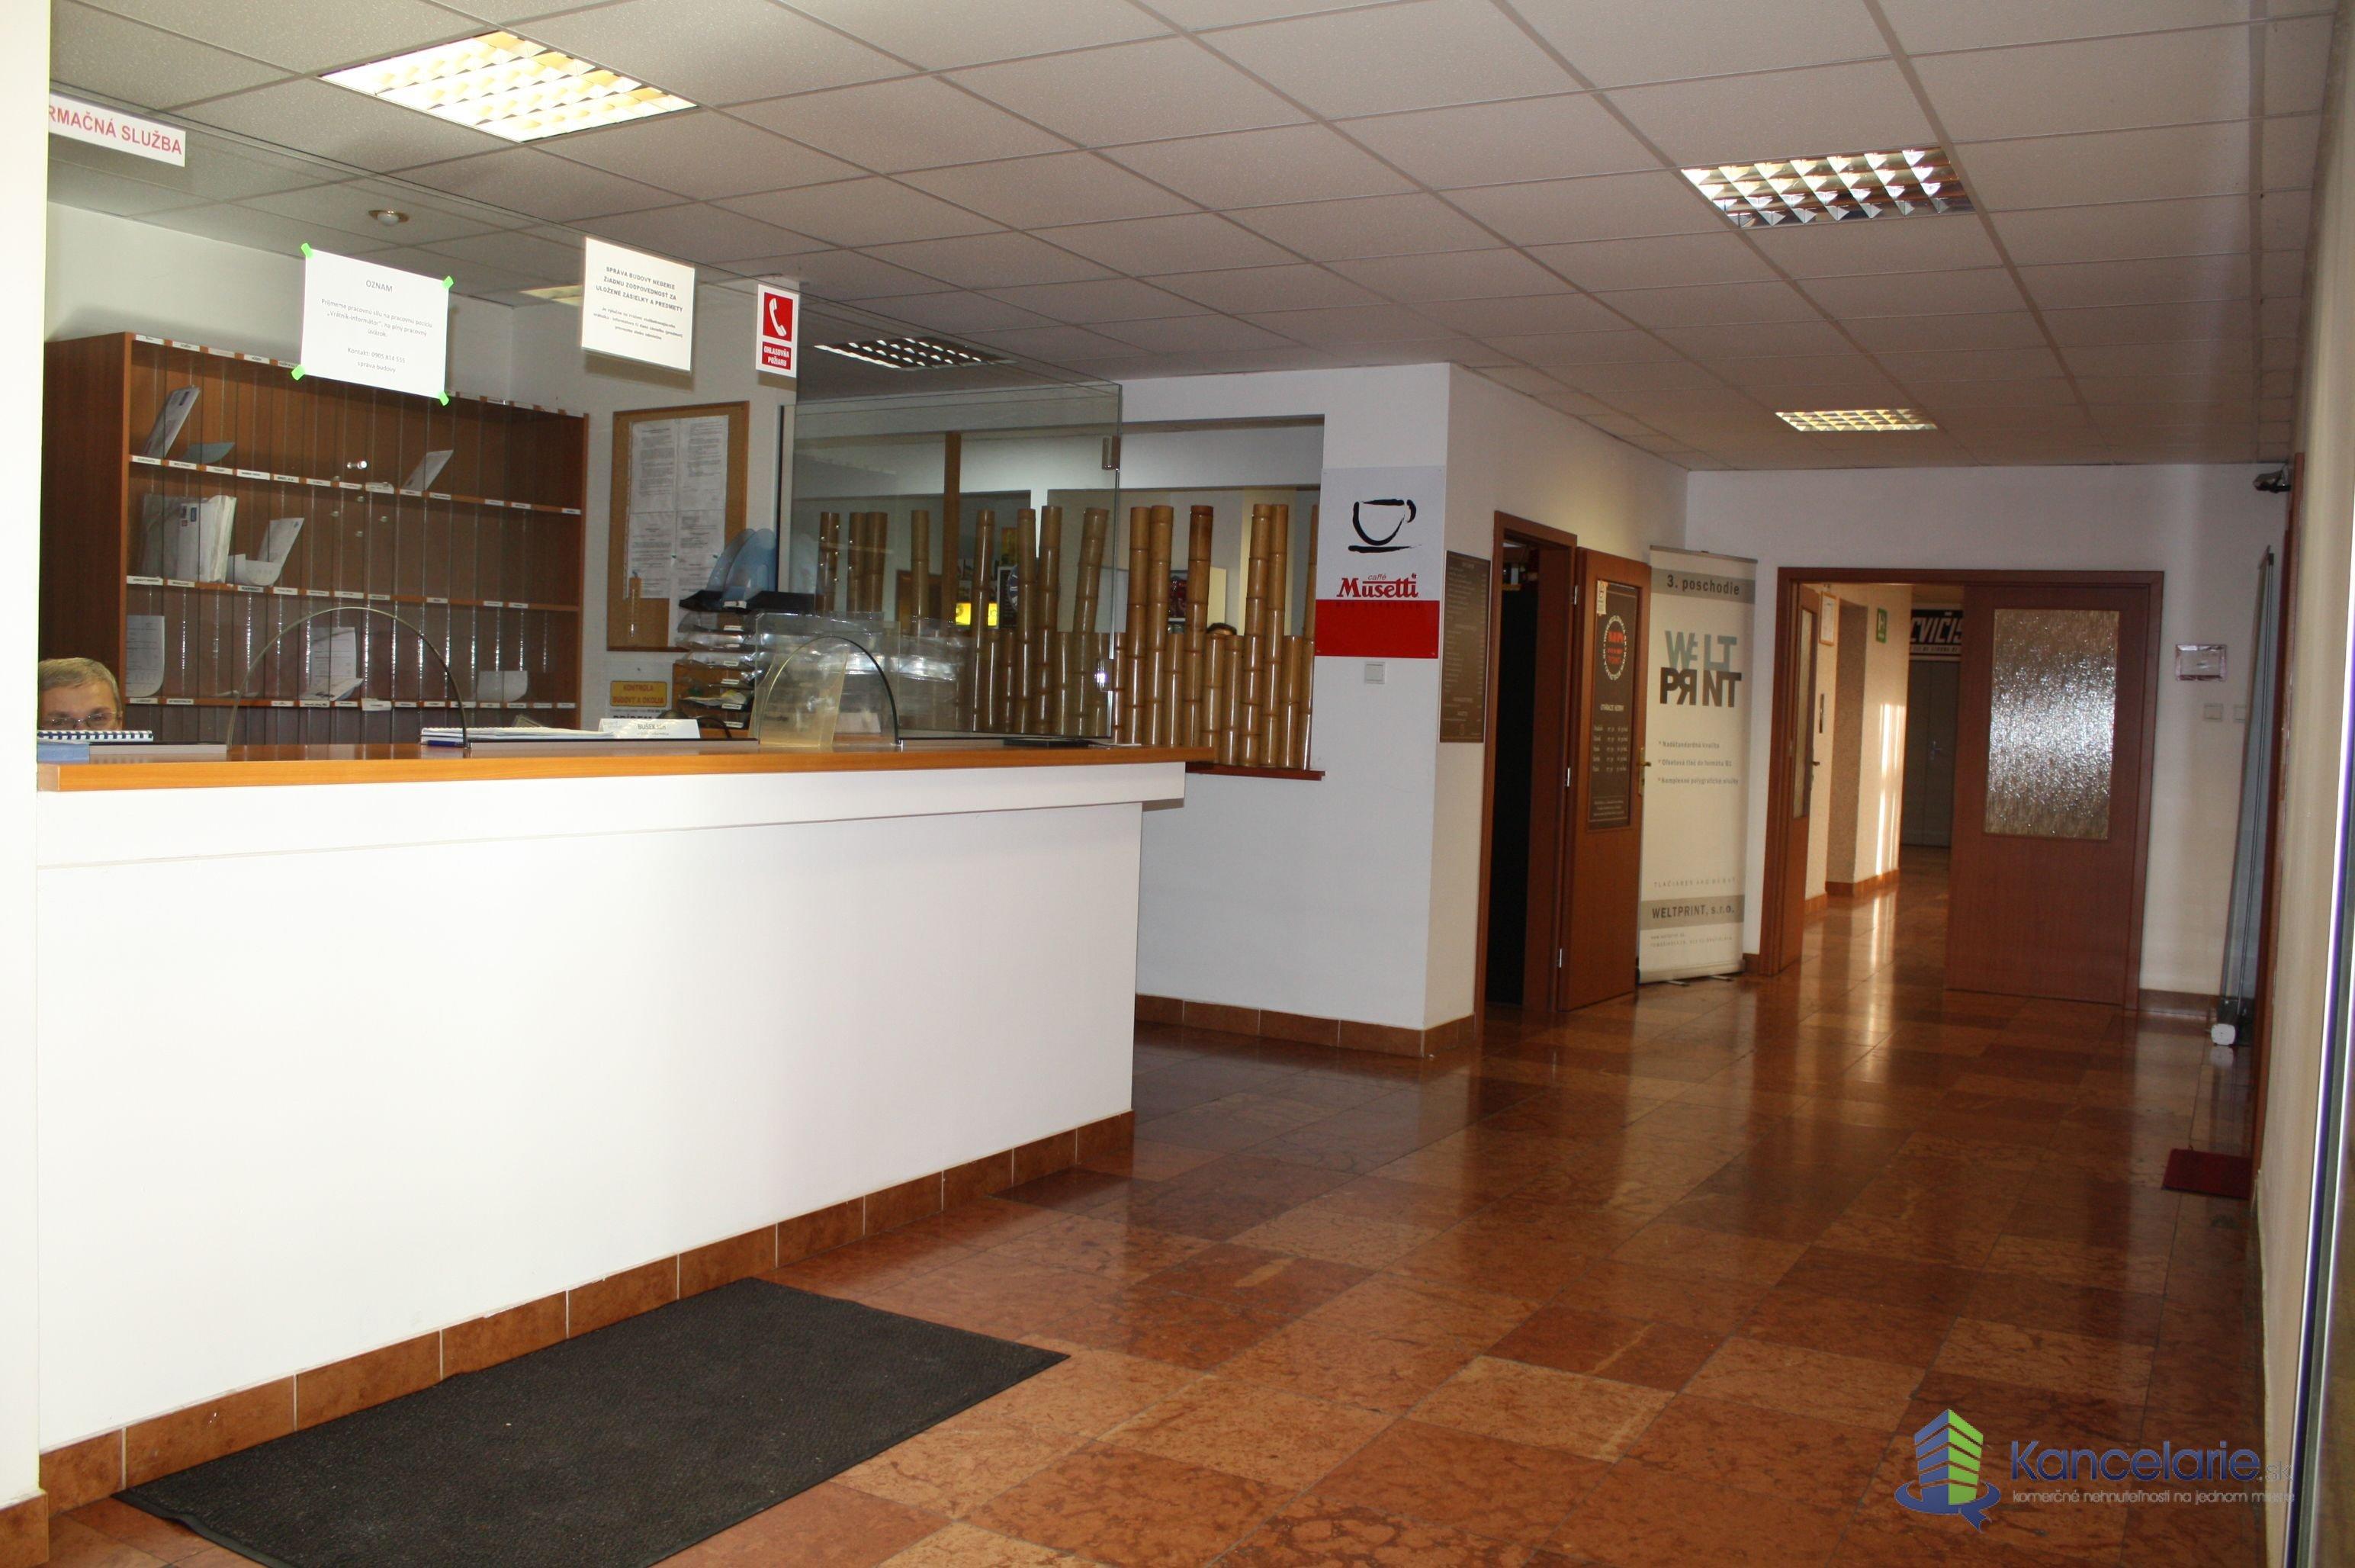 Administratívno prevádzková budova ÚSVIT, Kancelárske priestory, Tomášiková 26, Bratislava